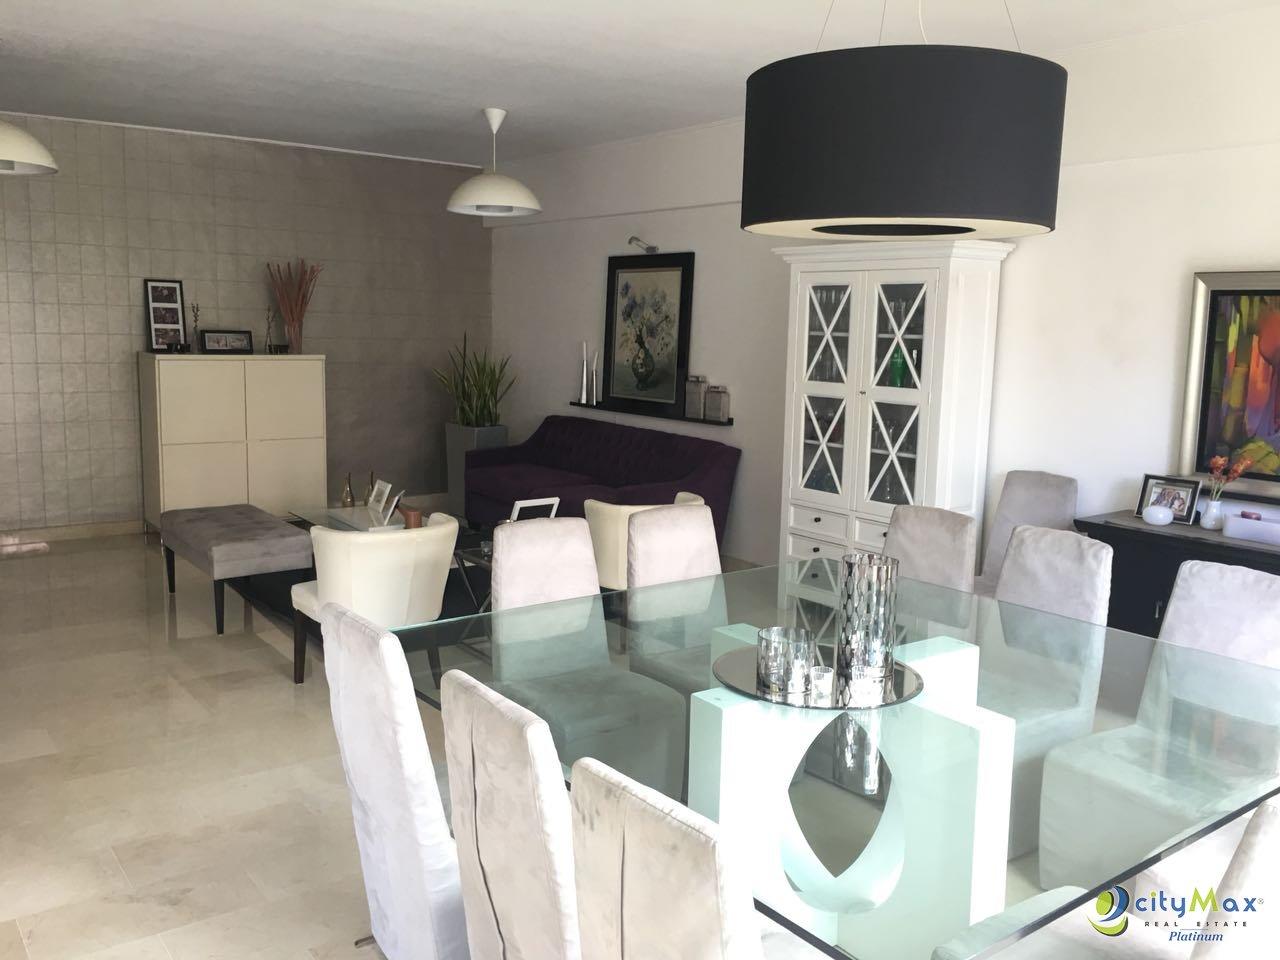 cityMax Platinum Vende Apartamento con terraza en Naco